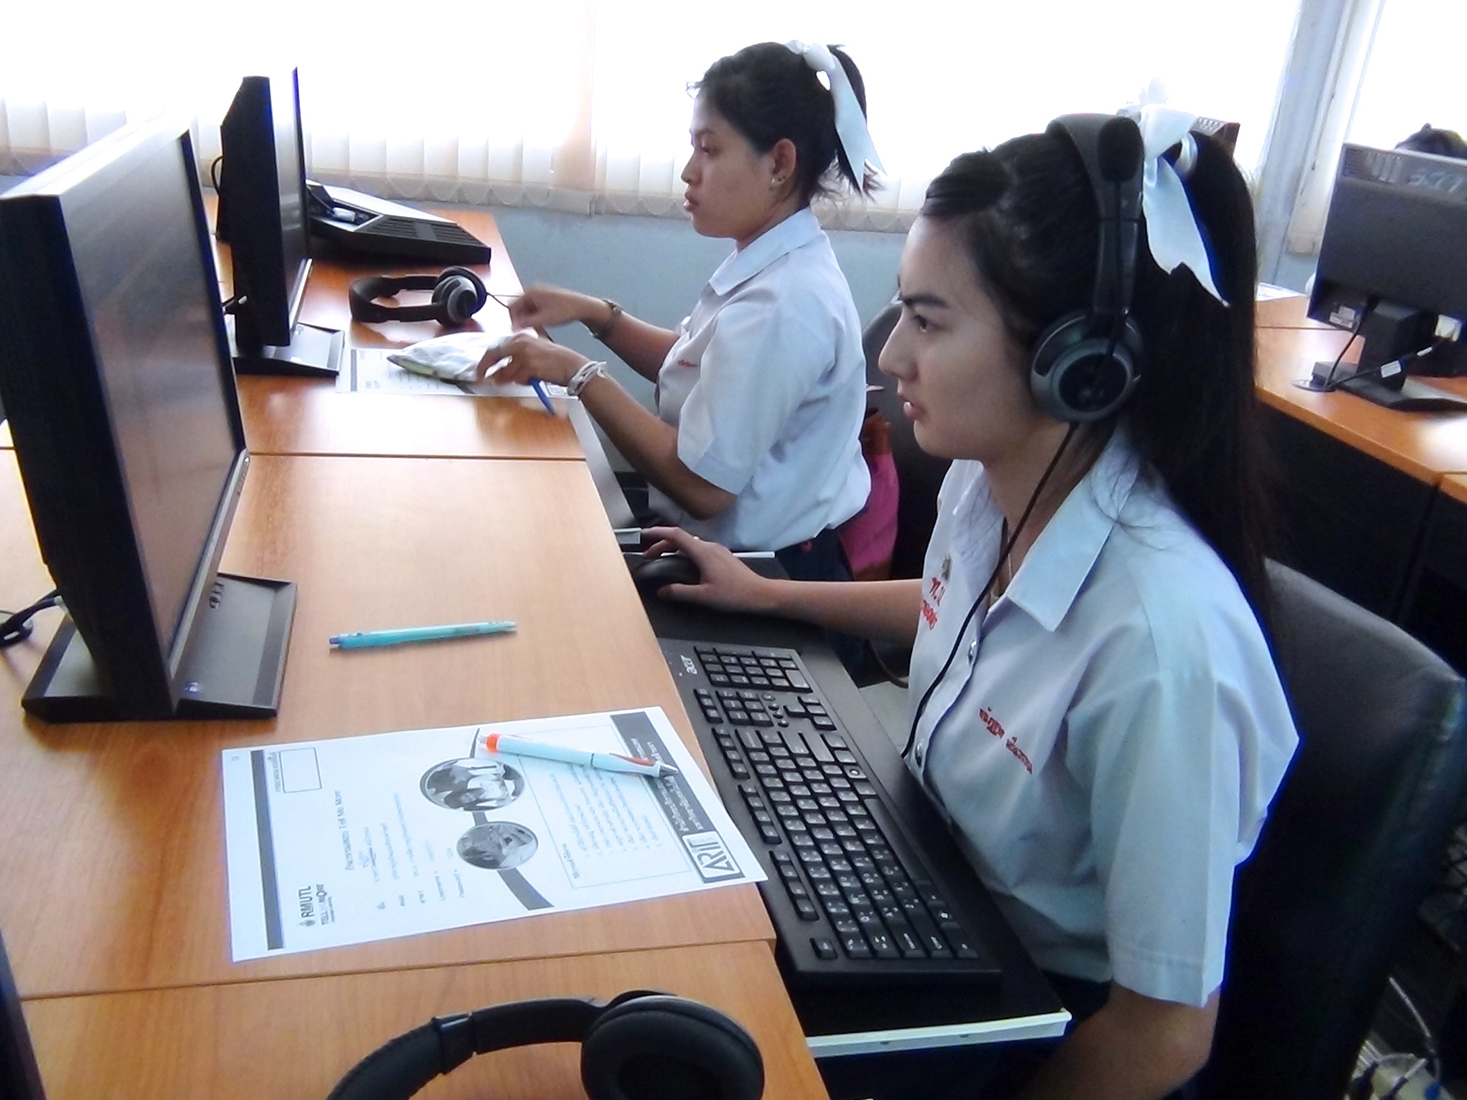 นักศึกษาใหม่ สาขา IBM เข้าร่วมทดสอบภาษาอังกฤษ ก่อนเข้า โครงการฯ Tell me more online